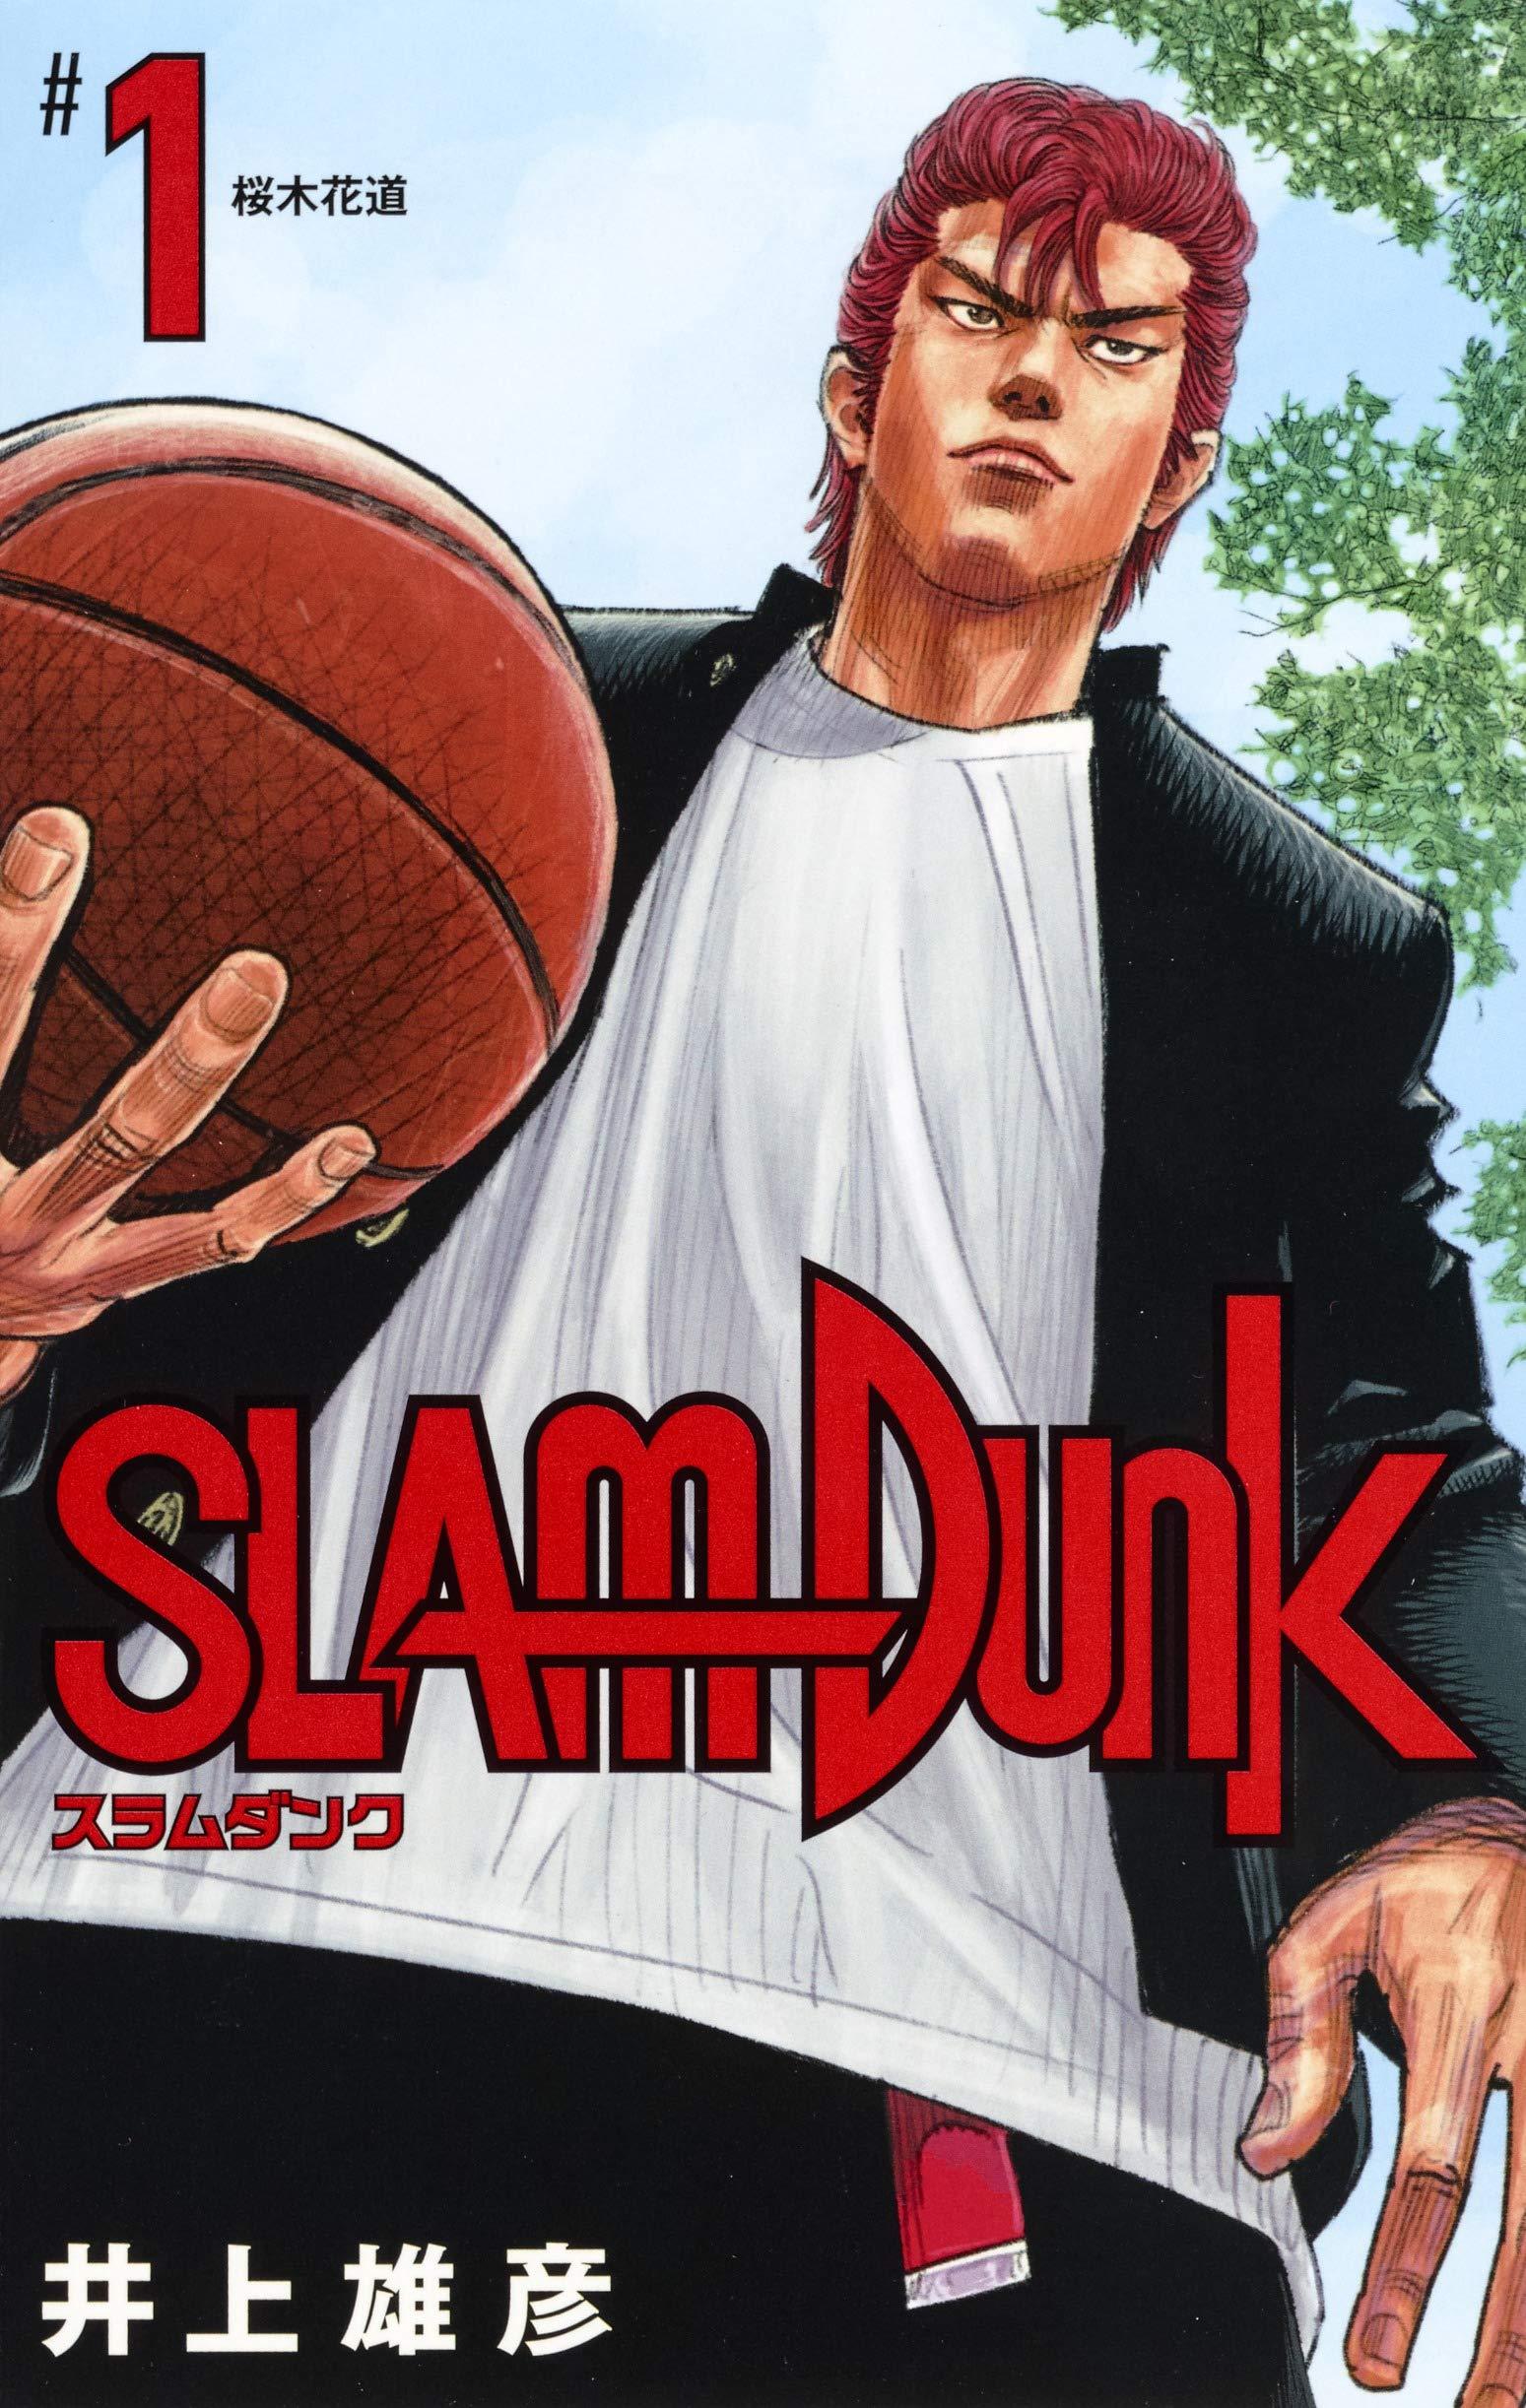 灌篮高手. 新装再编版 = Slam Dunk